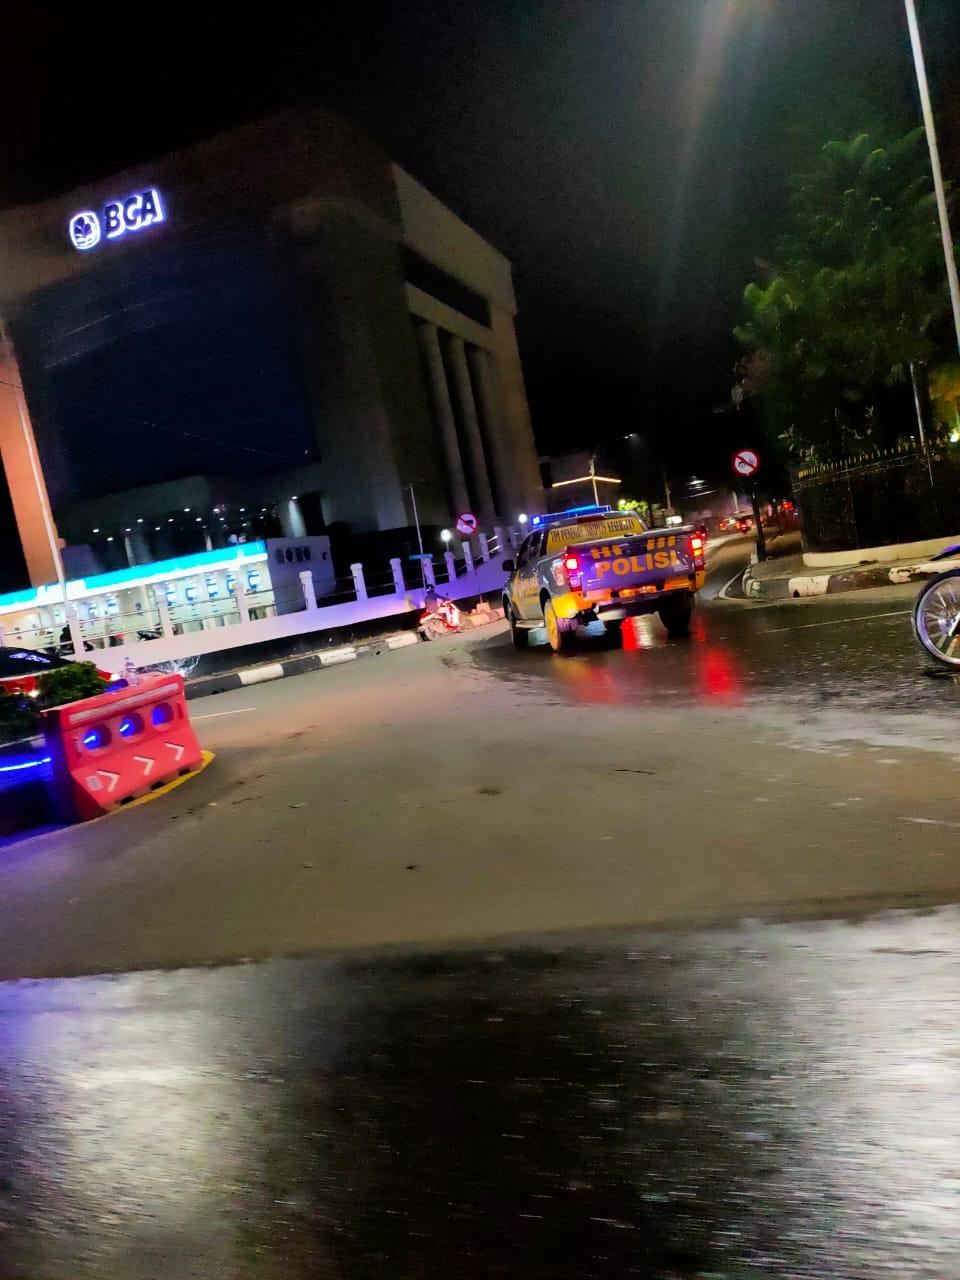 LENGGANG Situasi Malam Tahun Baru di Banjarmasin, Patroli Silih Berganti dan Dijaga Ketat